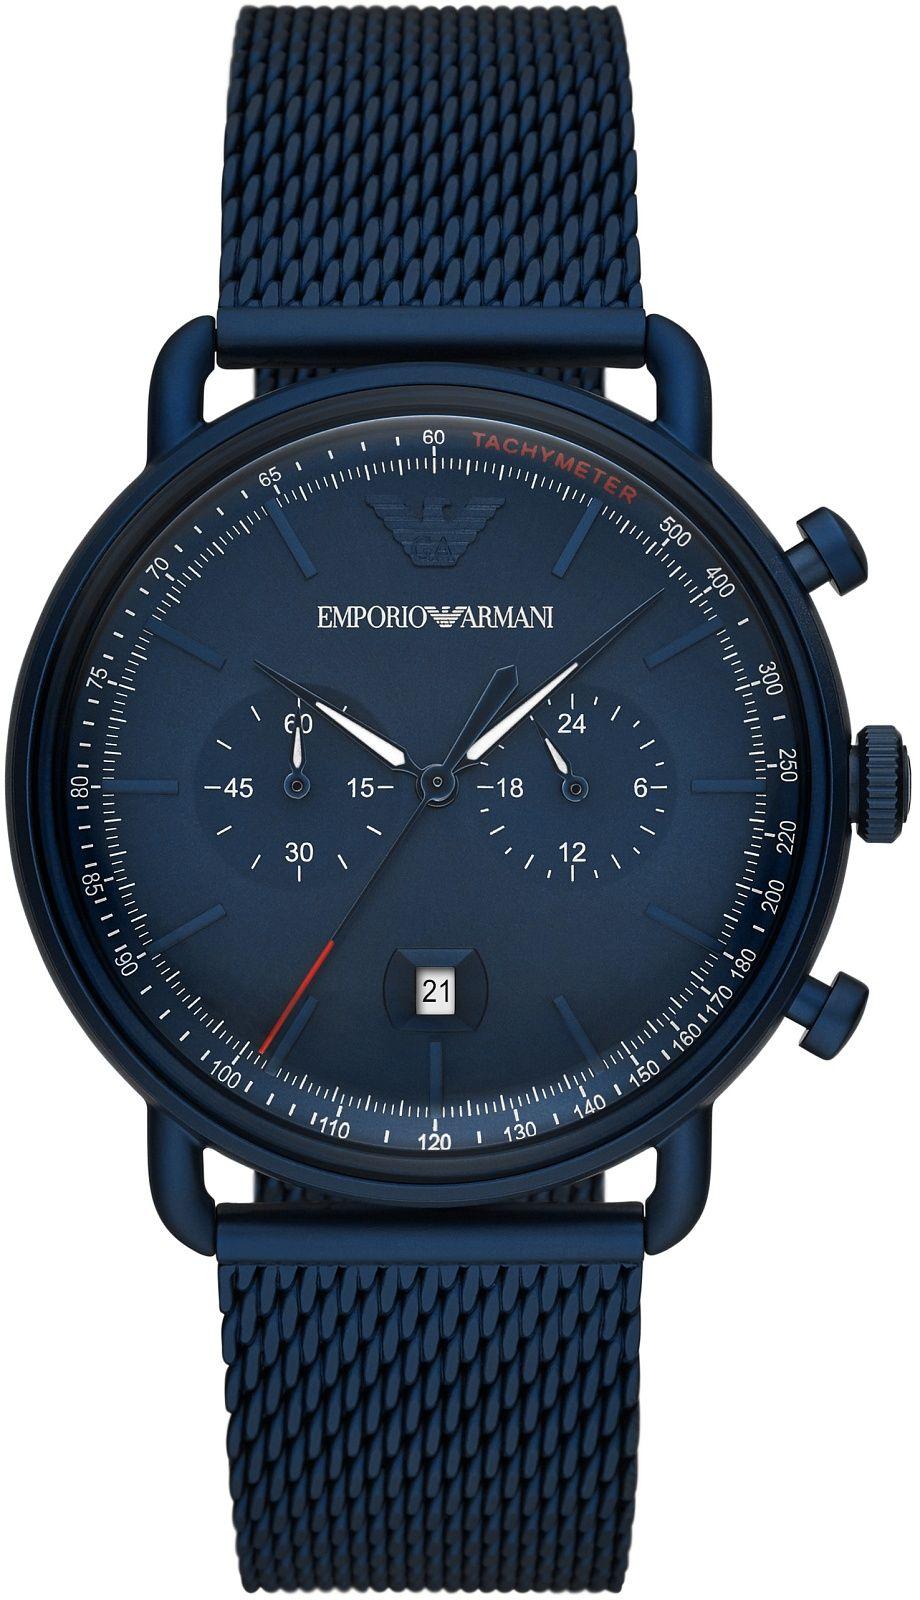 Zegarek Emporio Armani AR11289 > Wysyłka tego samego dnia Grawer 0zł Darmowa dostawa Kurierem/Inpost Darmowy zwrot przez 100 DNI